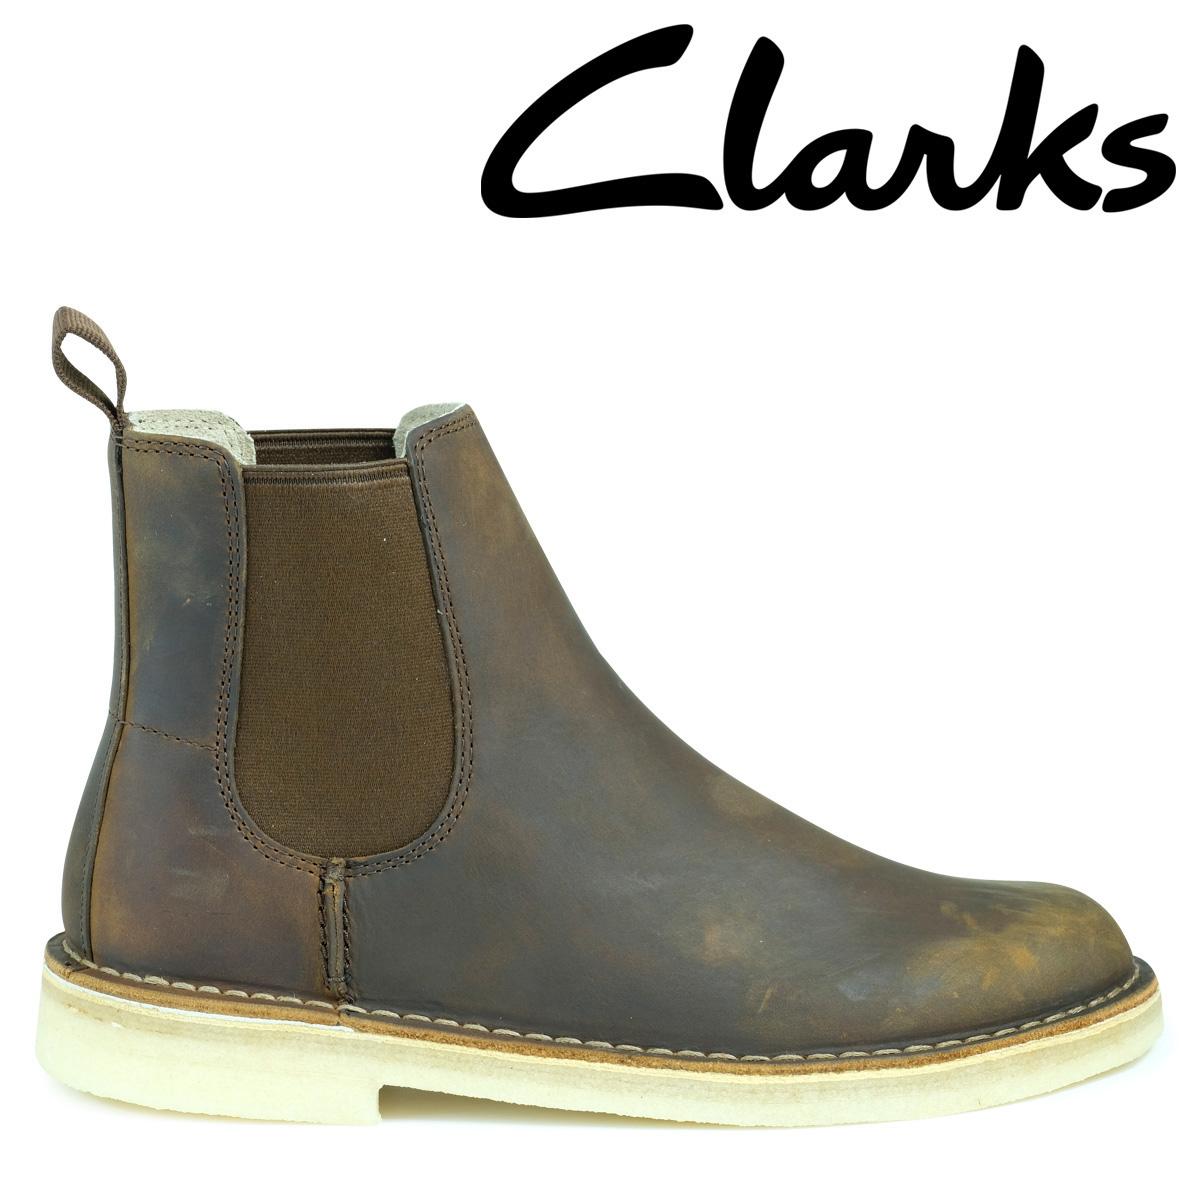 Clarks デザート ピーク ブーツ メンズ クラークス DESERT PEAK 26128732 サイドゴア 靴 ブラウン